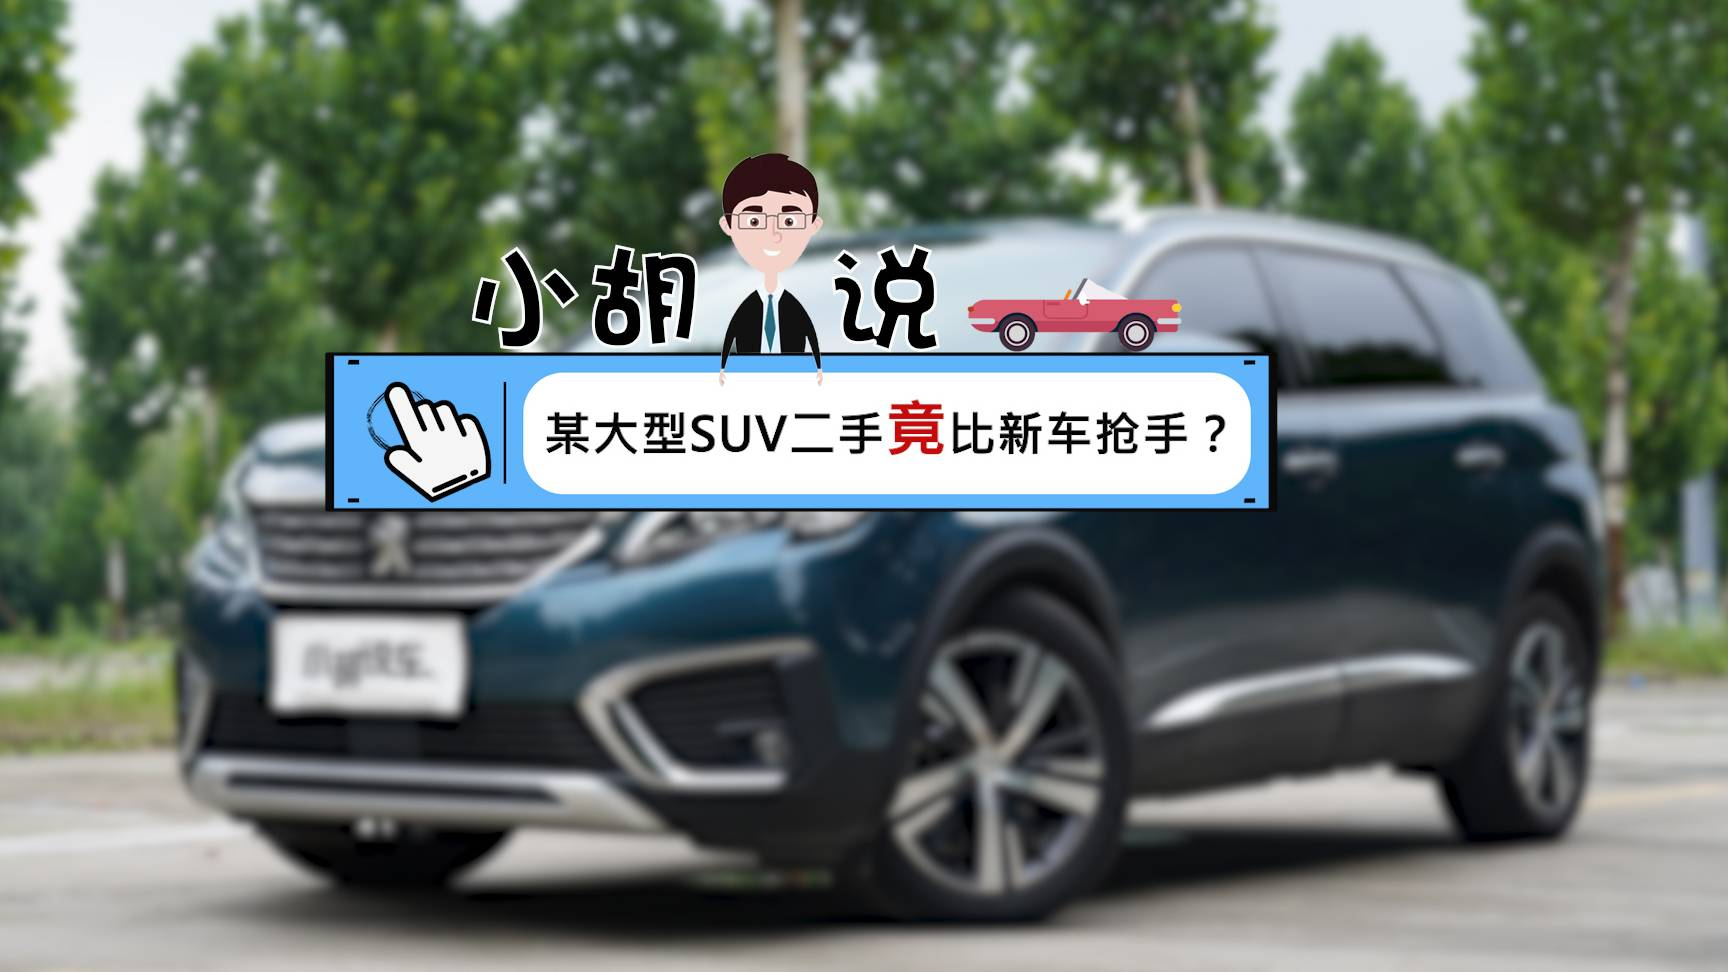 这台合资7座SUV,为什么新车卖不动,二手车却很抢手?